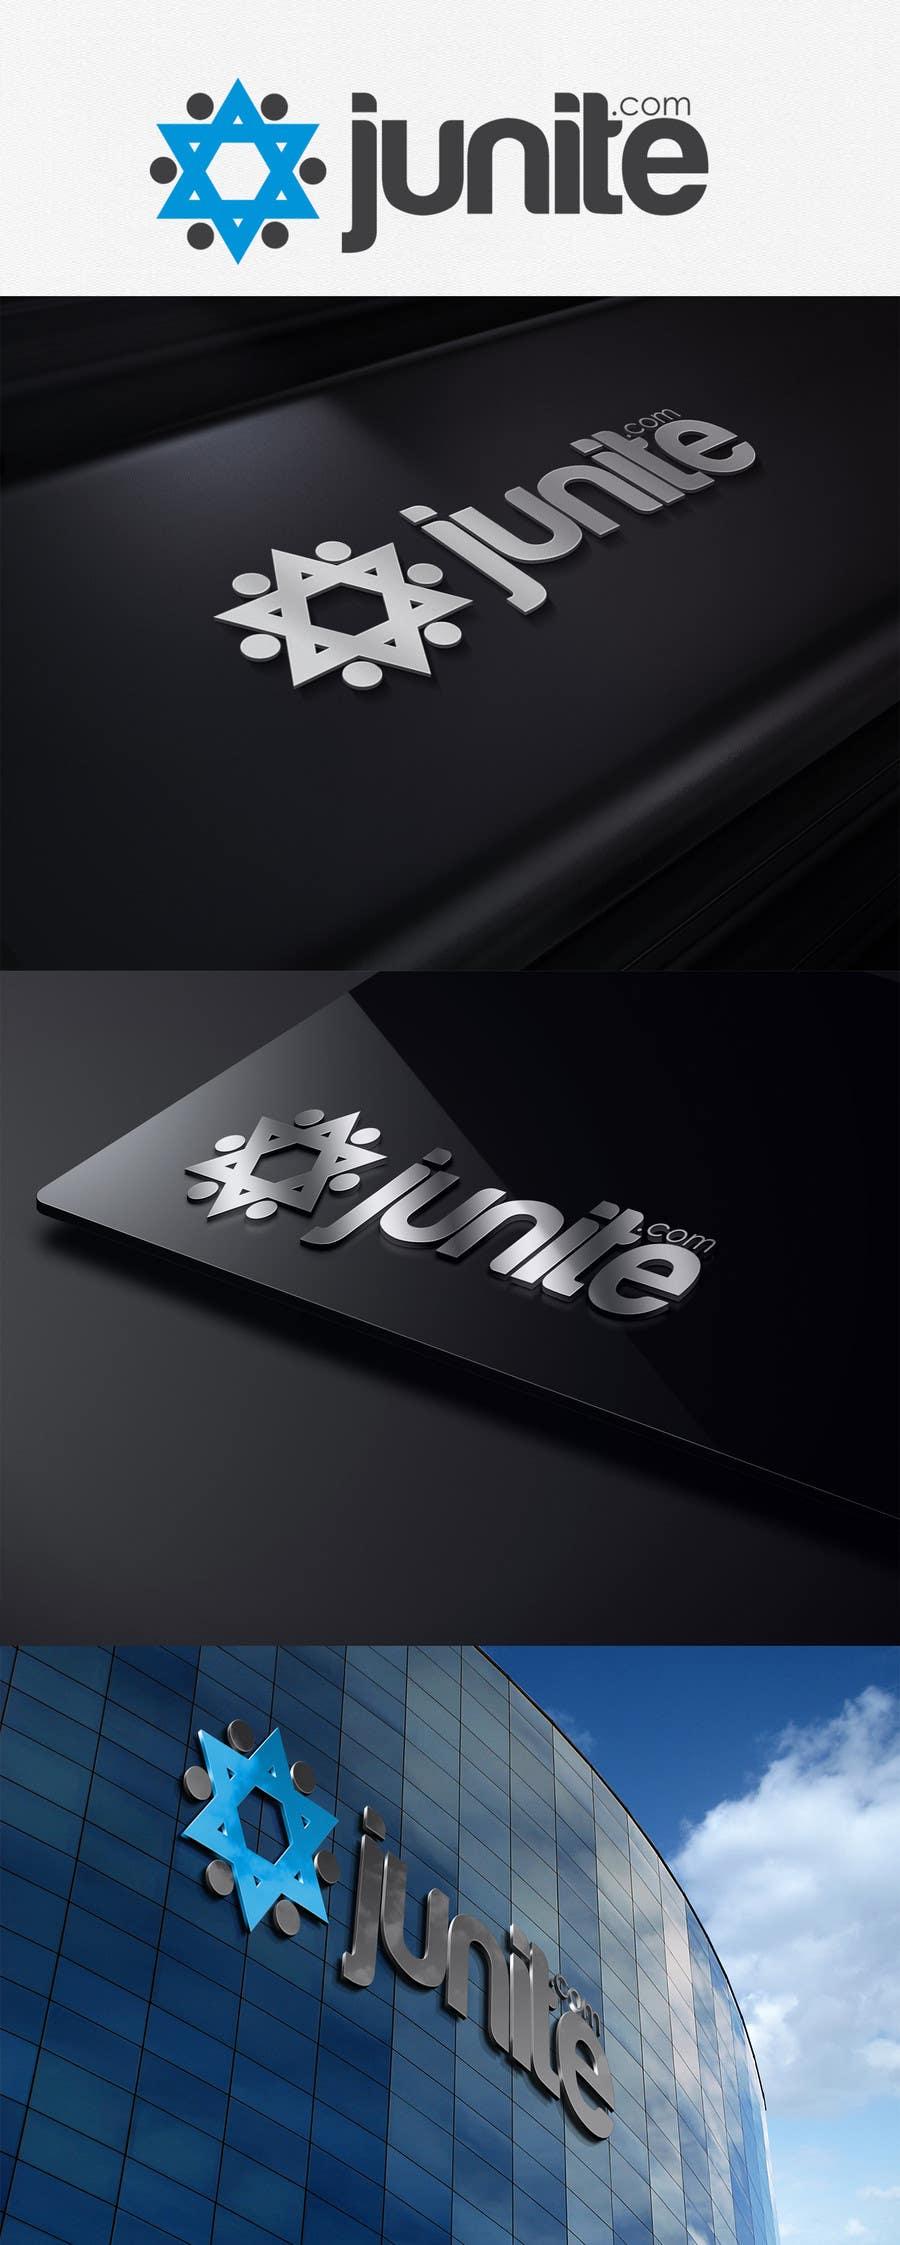 Contest Entry #28 for Logo Design for junite.org